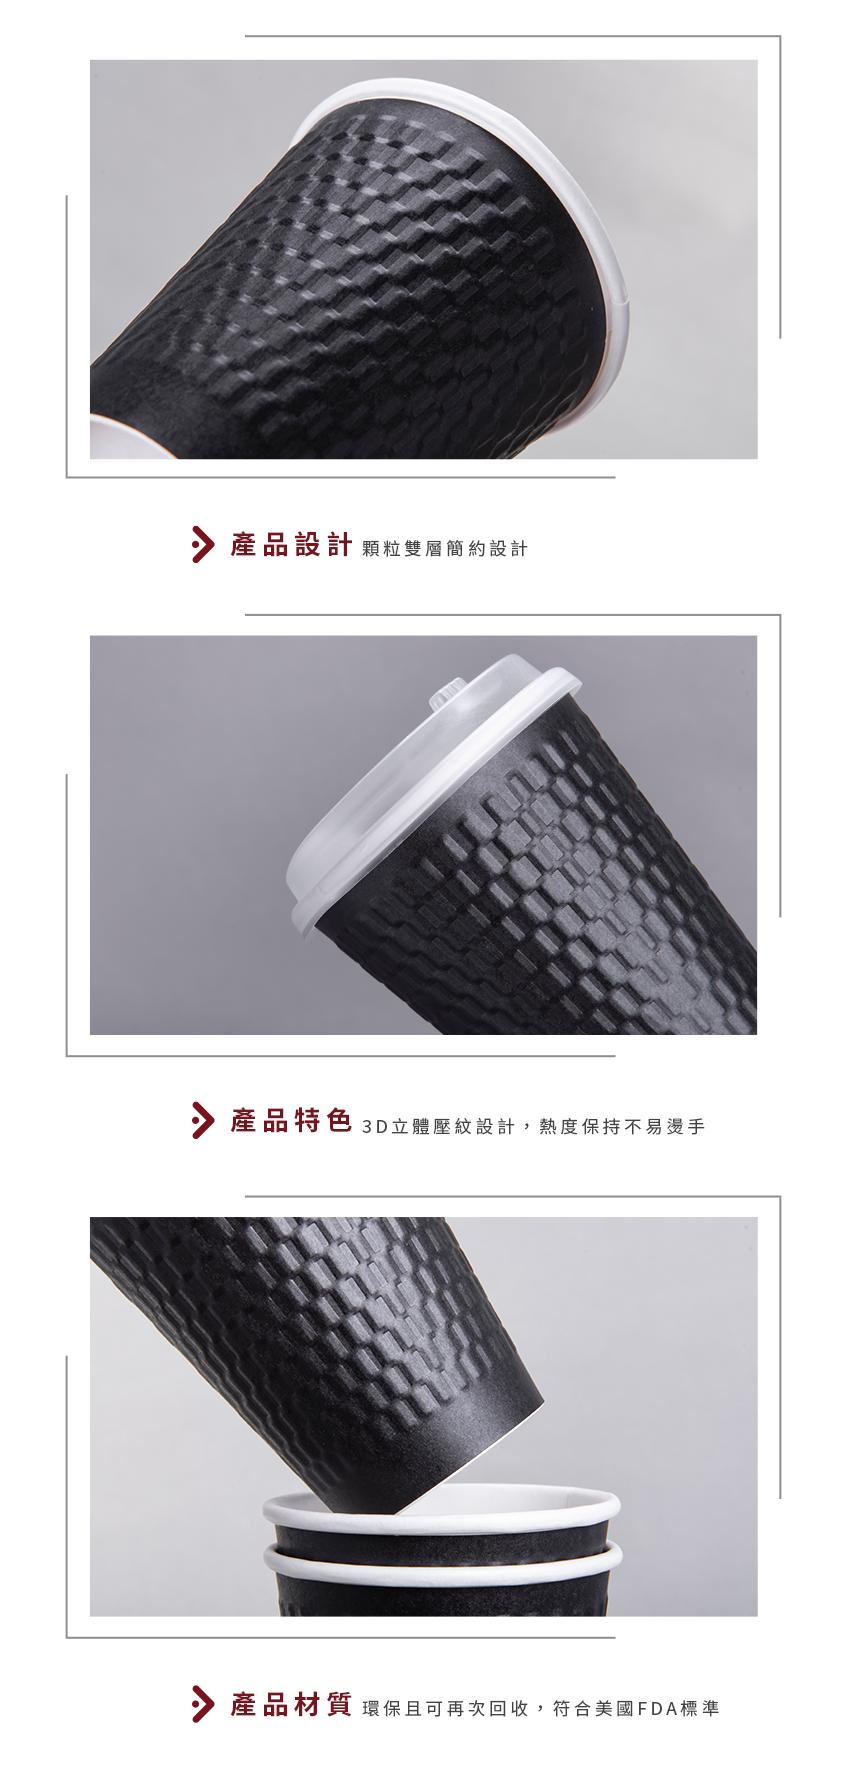 8oz 菱格紋 黑色 80口徑 94mm 240ml 質感 3D 立體壓紋 設計 可回收 環保 熱杯 隔熱紙杯 熱飲杯 加厚紙杯 耐熱杯 防燙杯 雙層杯 隔熱 一次性紙杯 雙層熱飲紙杯 咖啡杯 PE單面淋膜